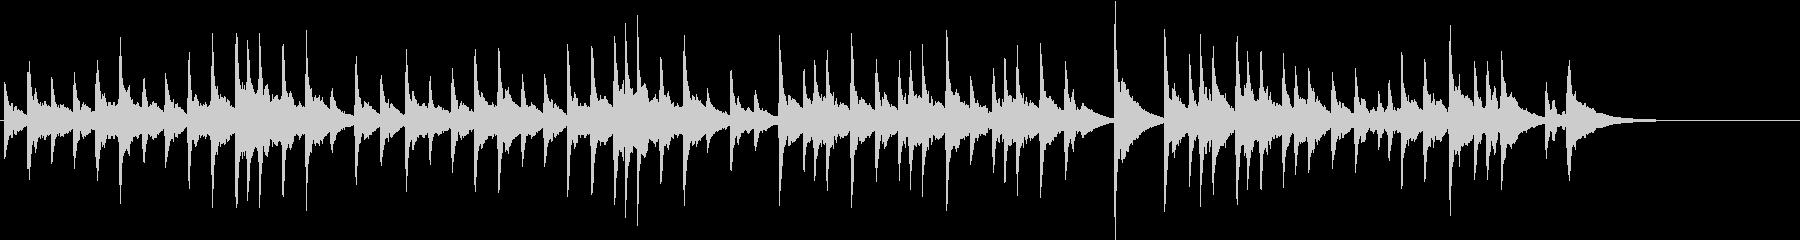 ブラームス交響曲第1番4楽章 オルゴールの未再生の波形